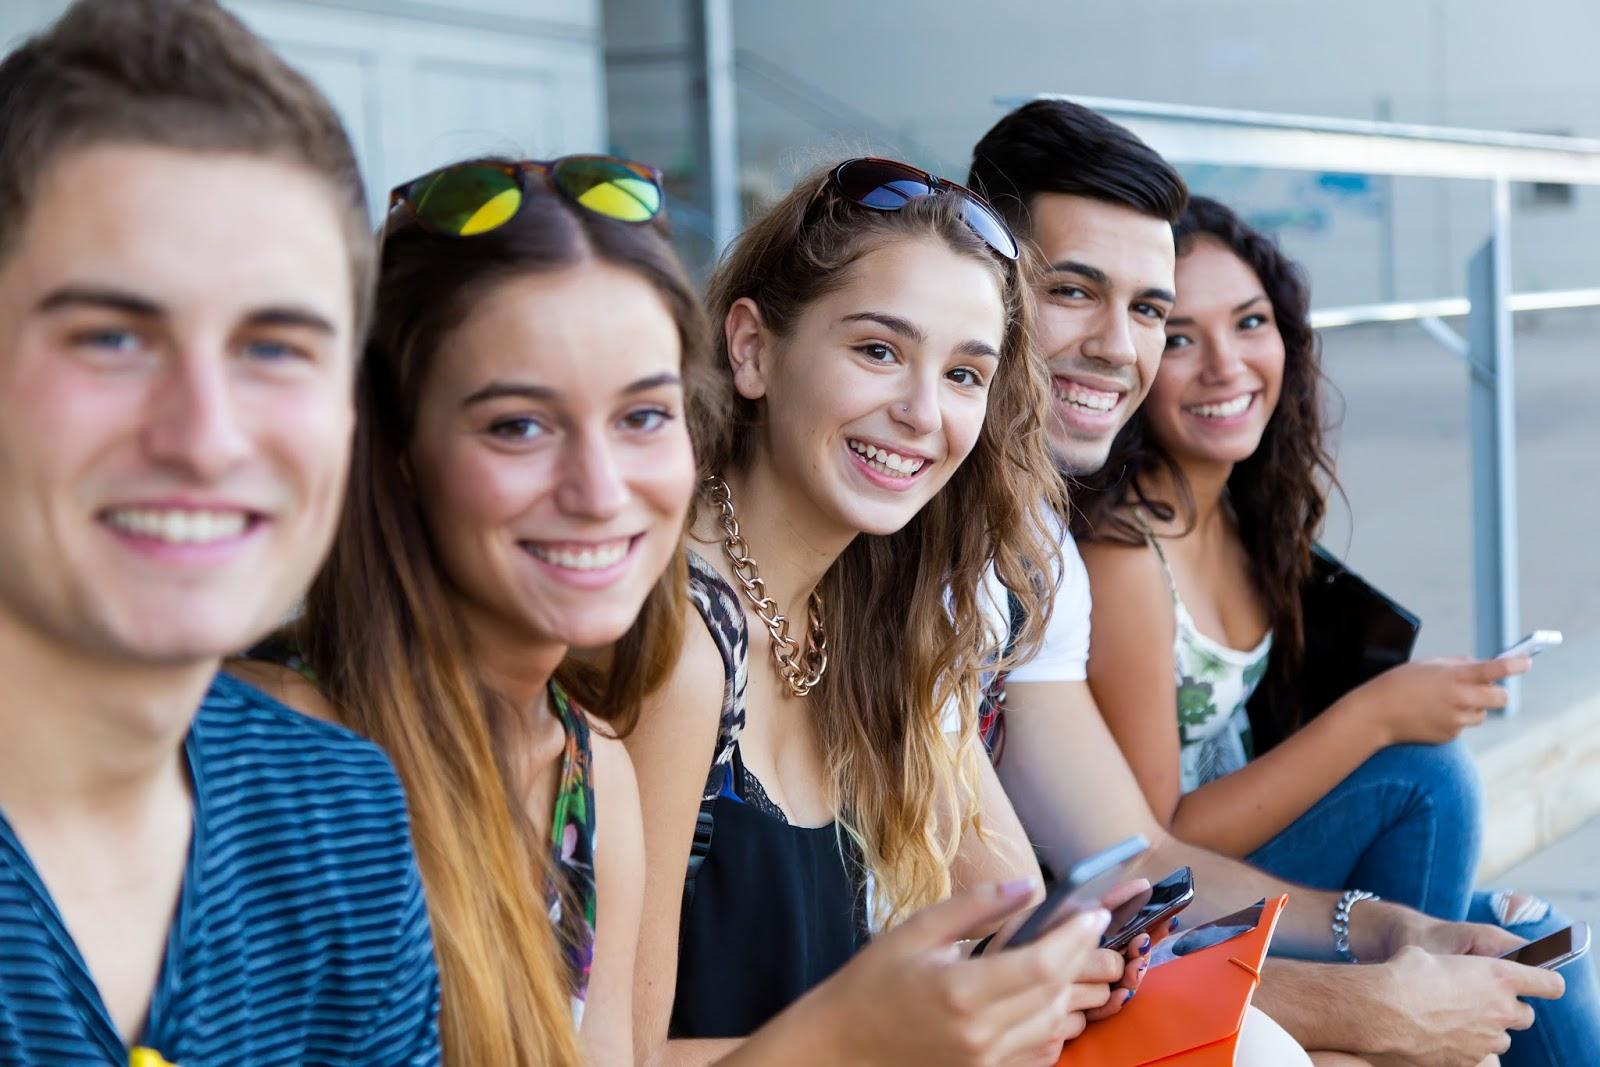 szybkie randki edukacyjne losowa aplikacja na iPhonea